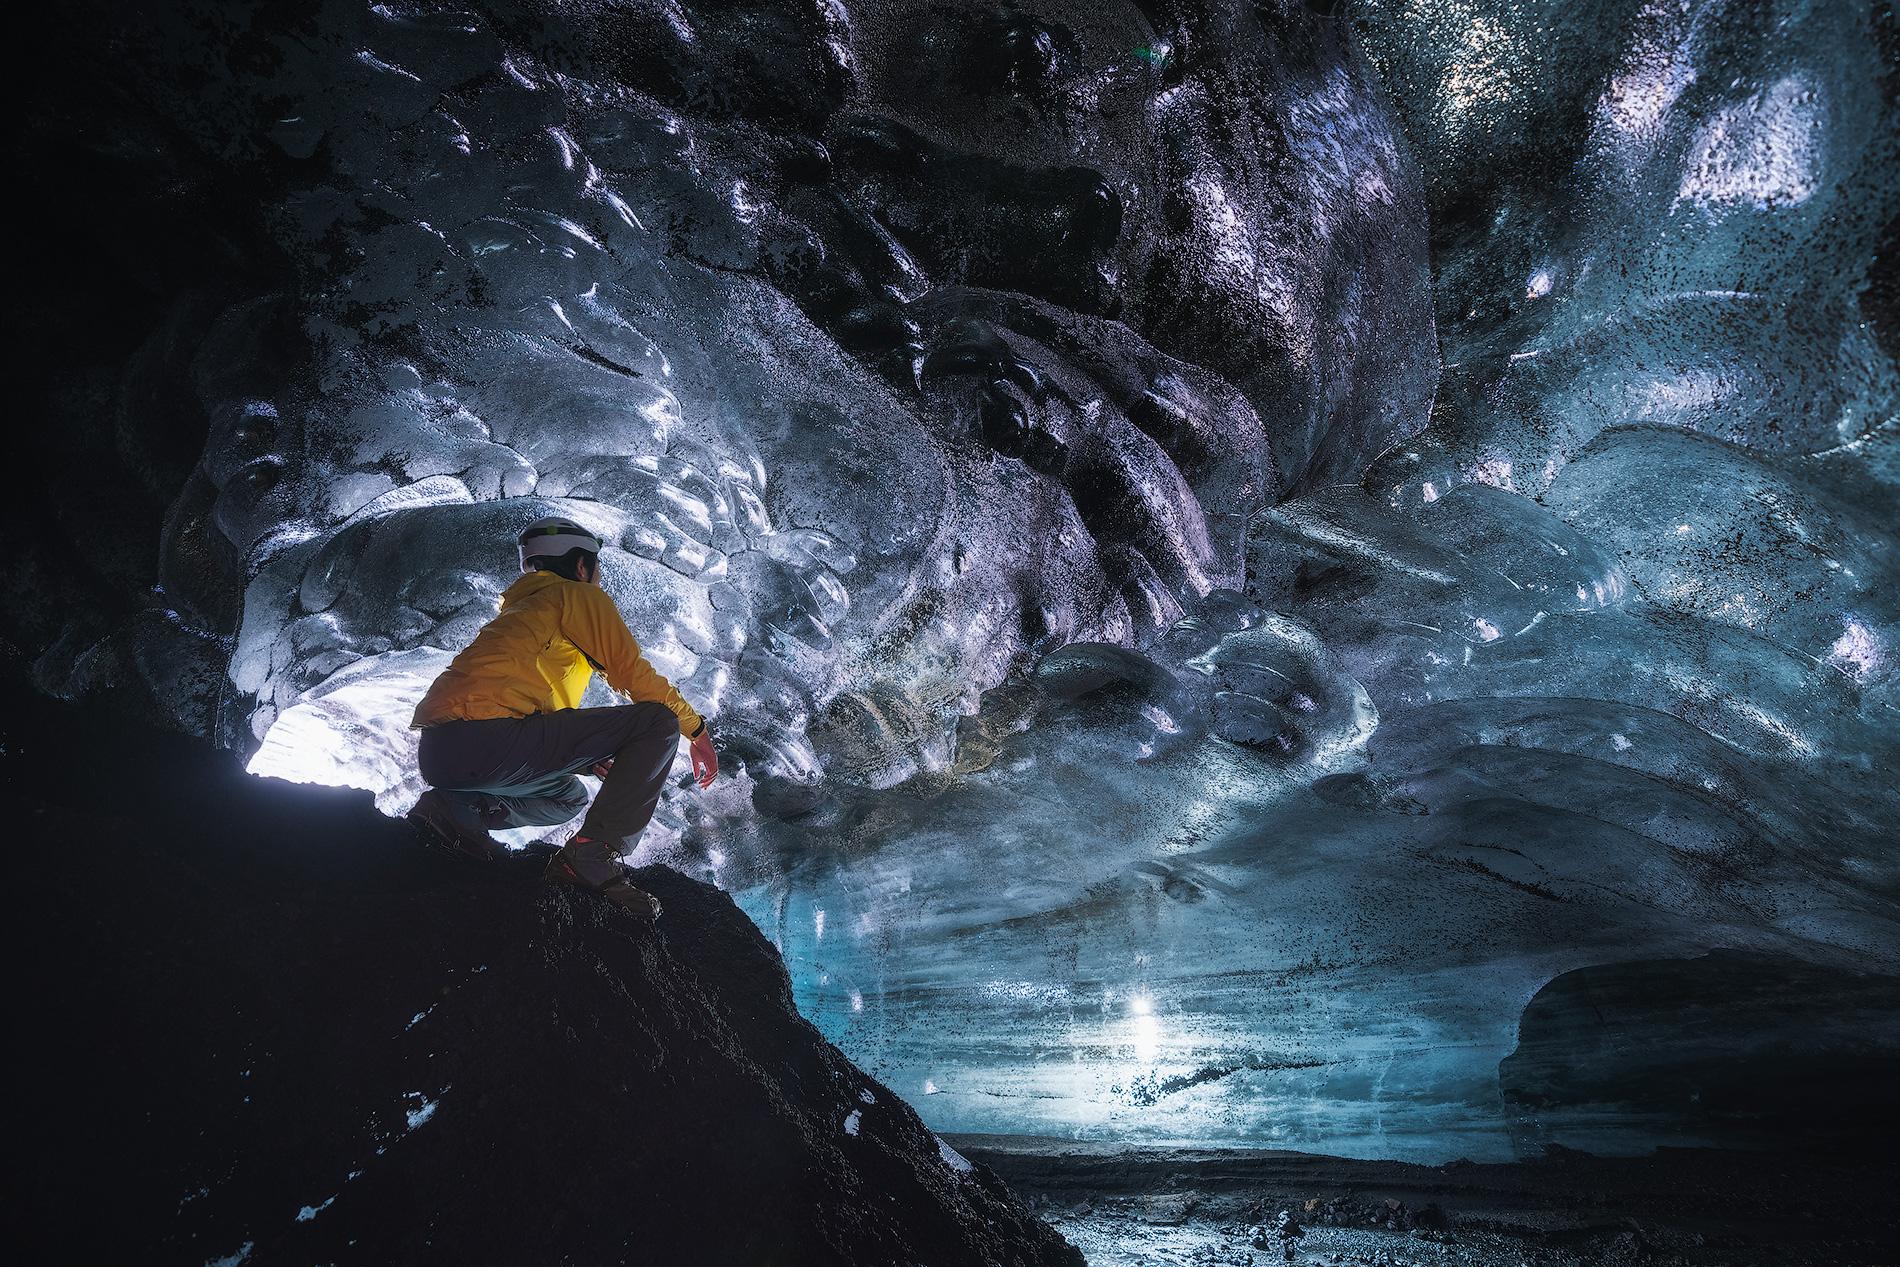 Grijp de unieke kans om een ijsgrot te verkennen en versteld te staan van de schoonheid.